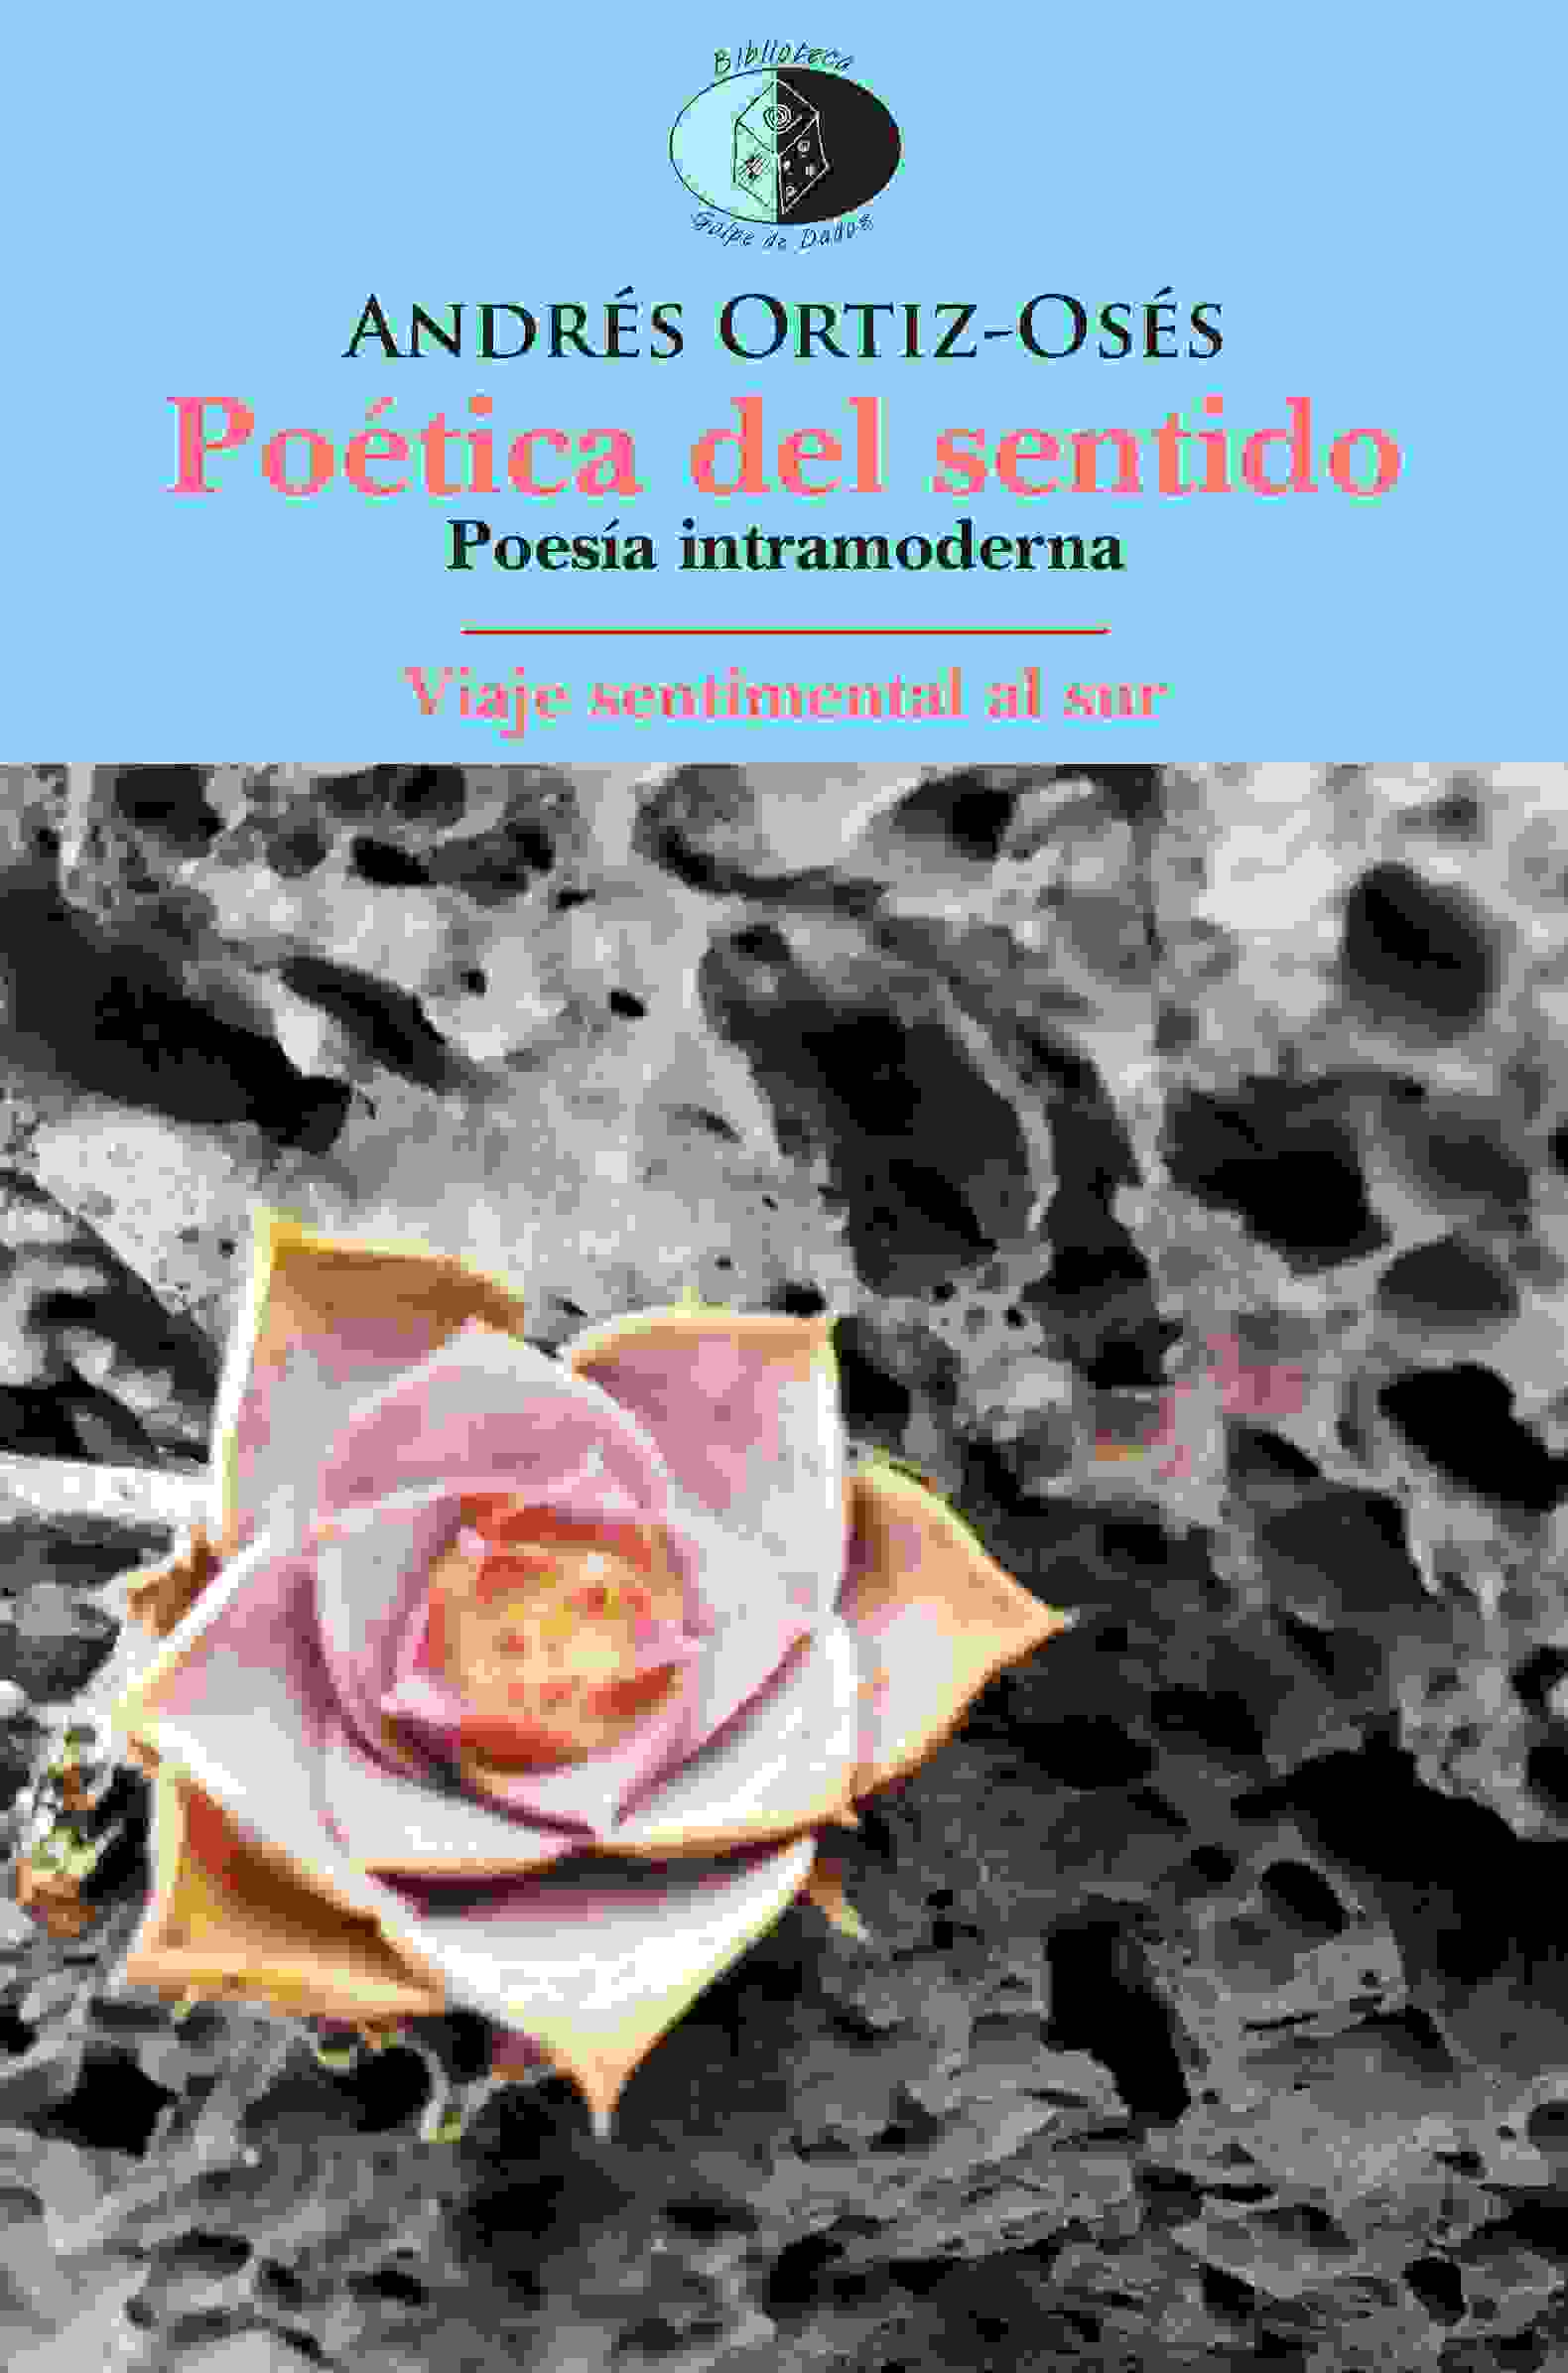 POETICA DEL SENTIDO/POESIA INTRAMODERNA / ORTIZ-OSES, ANDRES